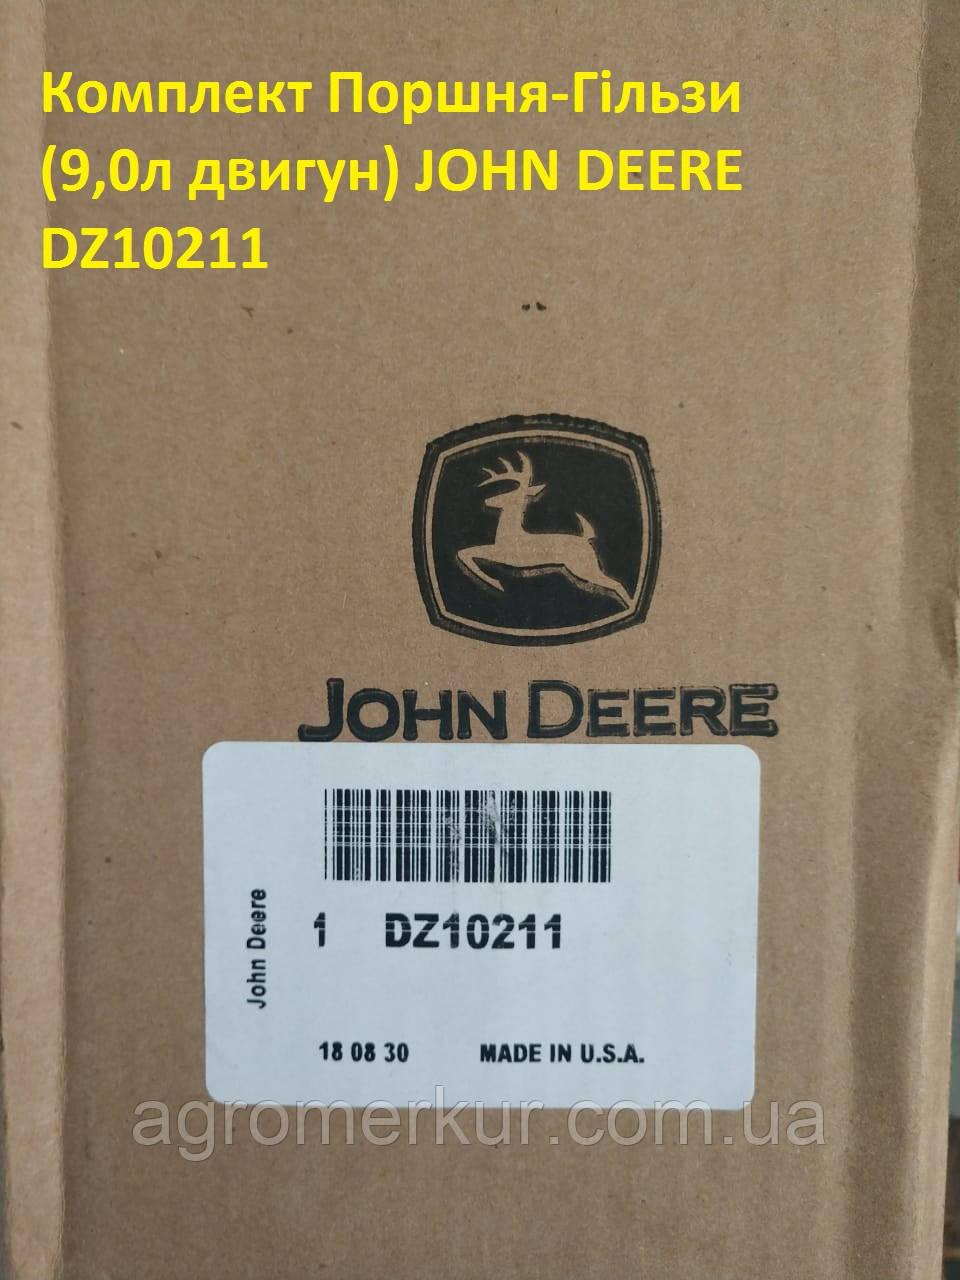 Комплект Поршня-Гільзи DZ10211 JOHN DEERE